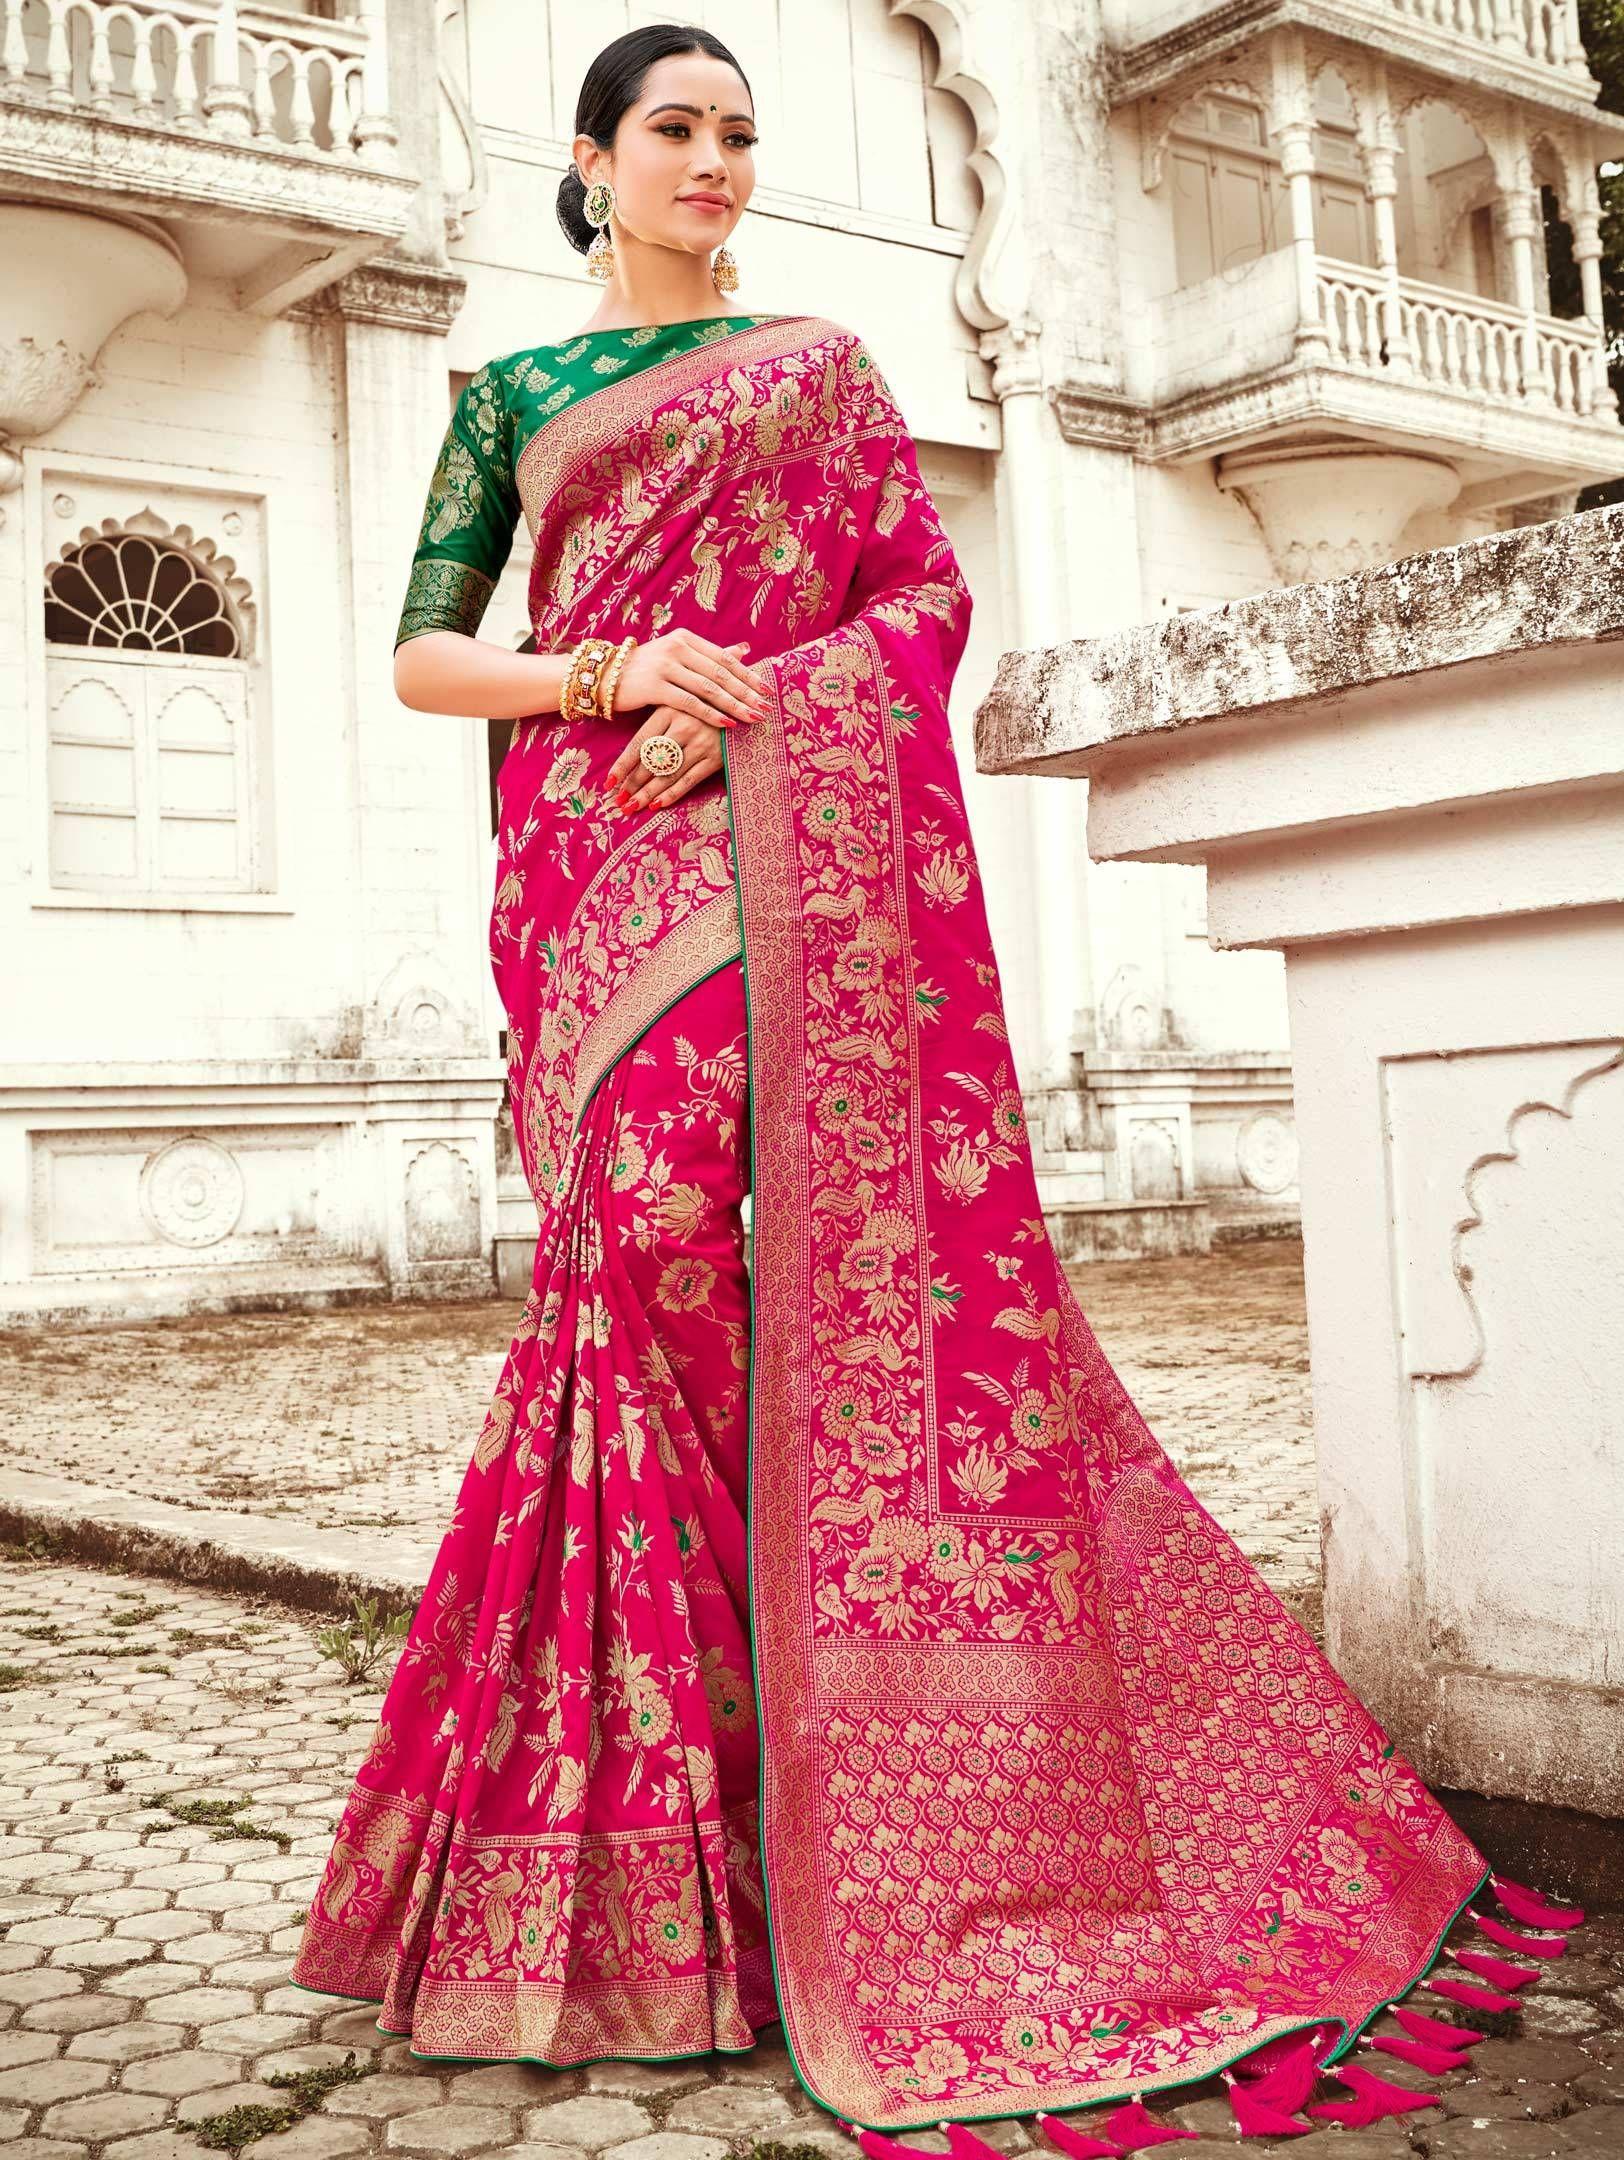 saree for women designer saree,traditional saree Pink Heavy Banarasi weaving Silk saree and blouse for women Indian saree,wedding saree